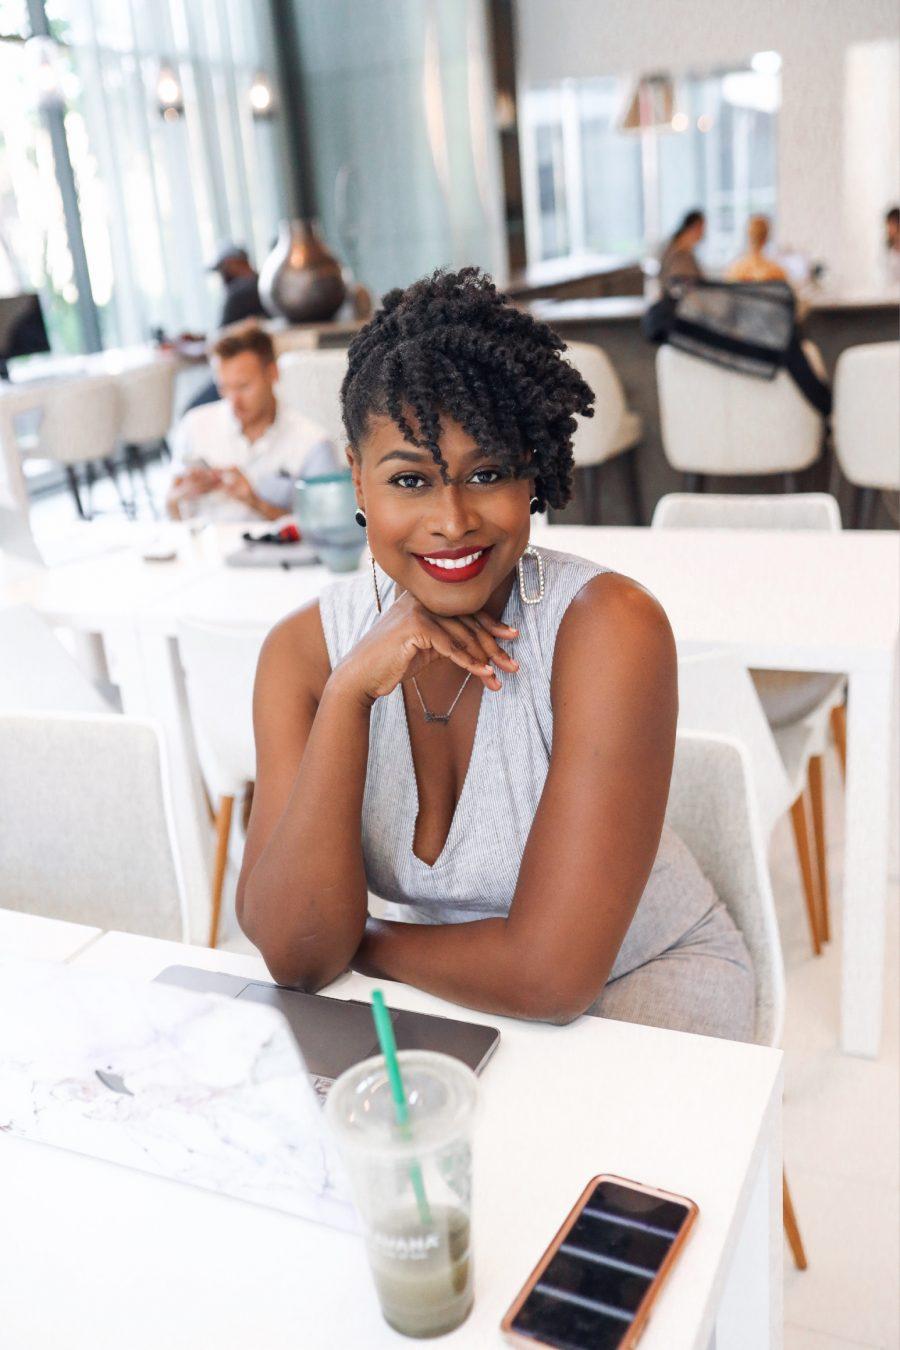 Lifestyle photo for Ebony